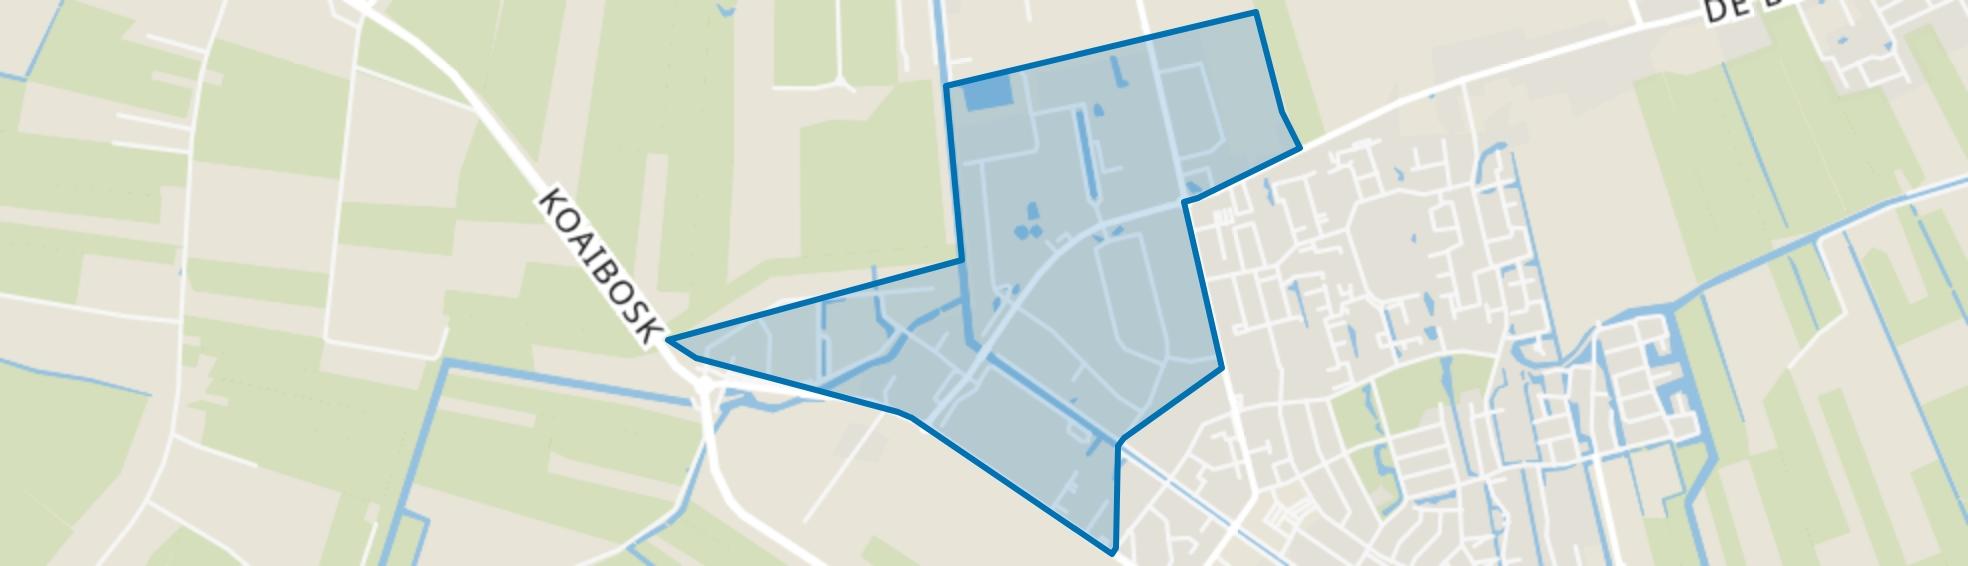 Gorredijk-De Kromten, Gorredijk map